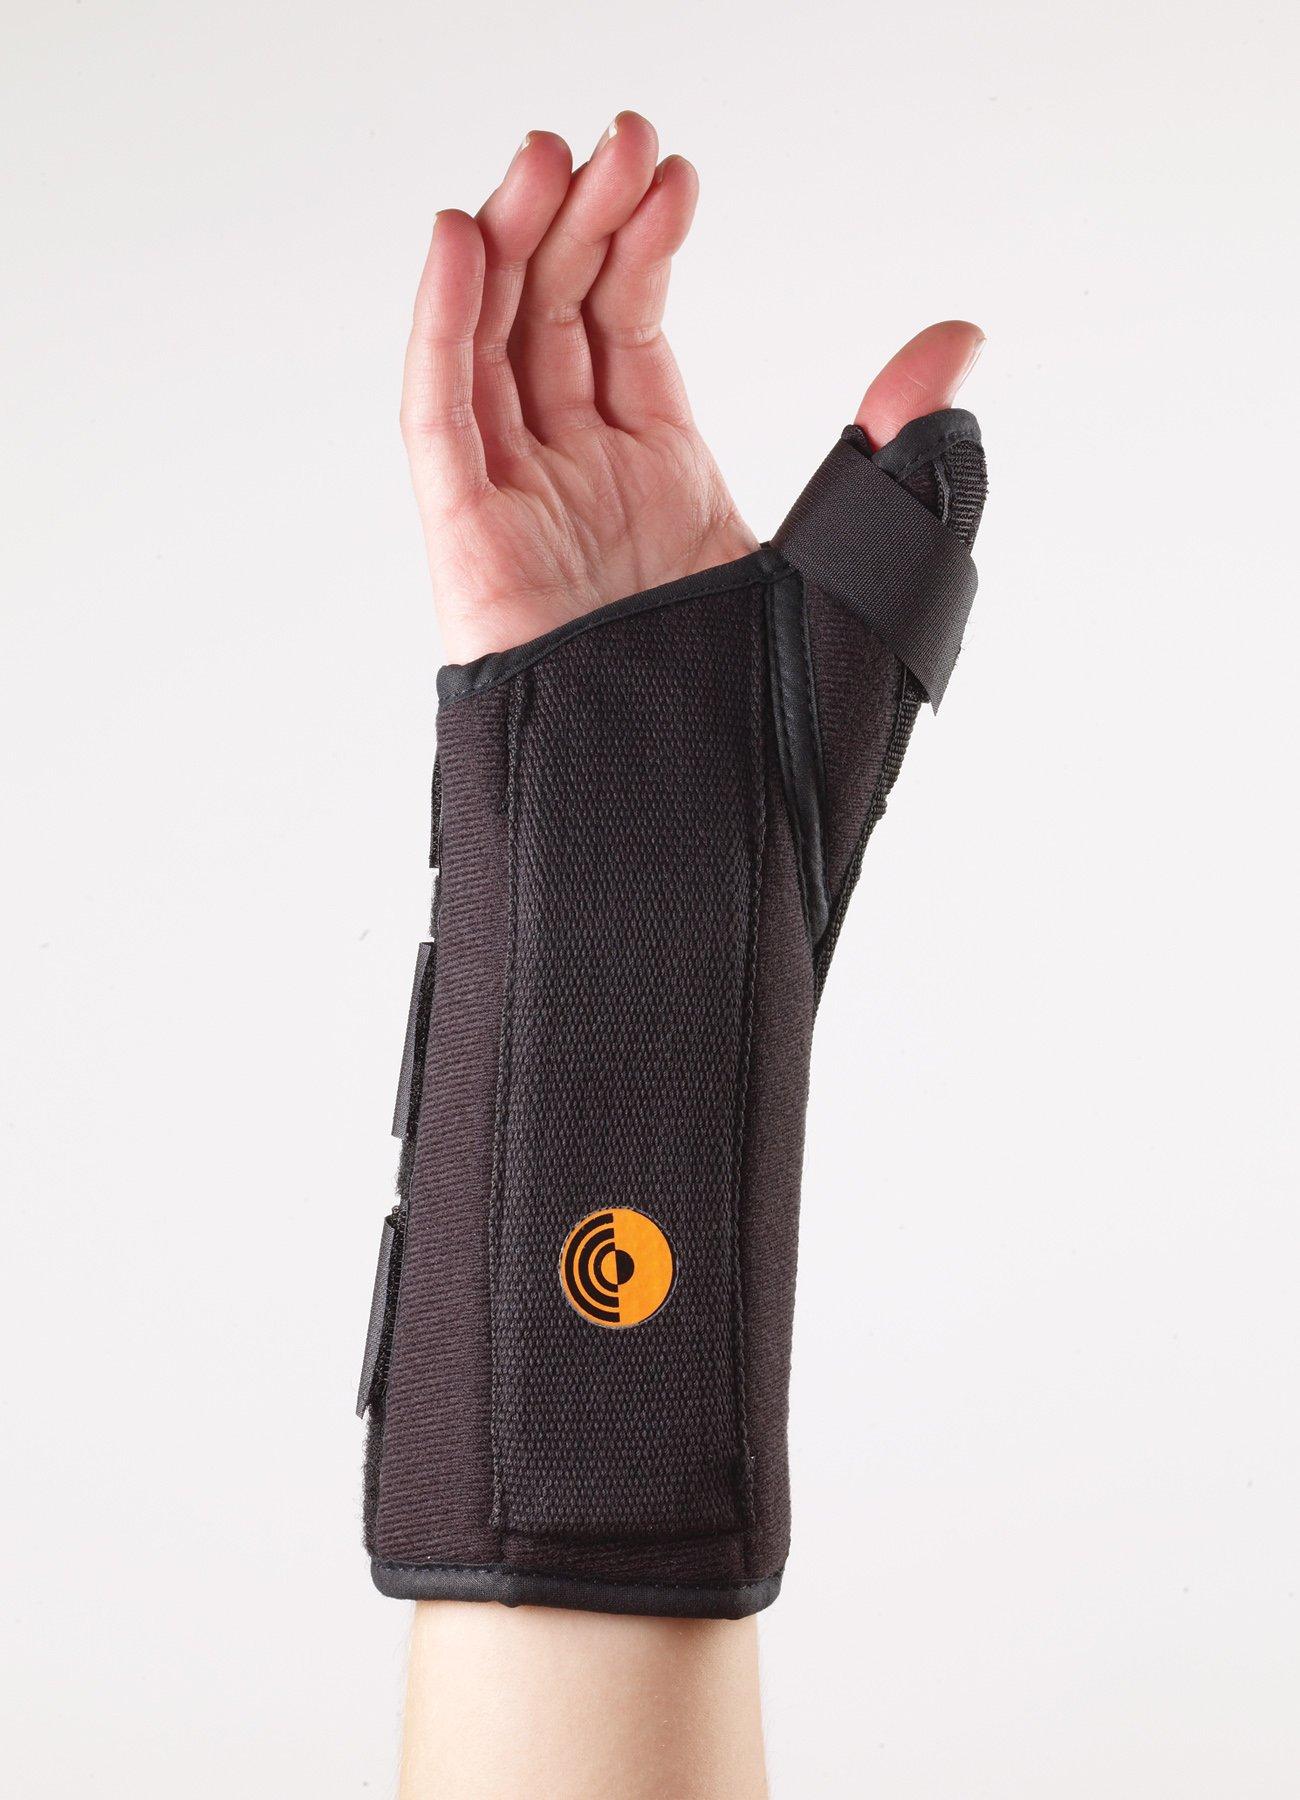 Corflex Ultra Fit Wrist Splint w/Abducted Thumb 8'' XS Left